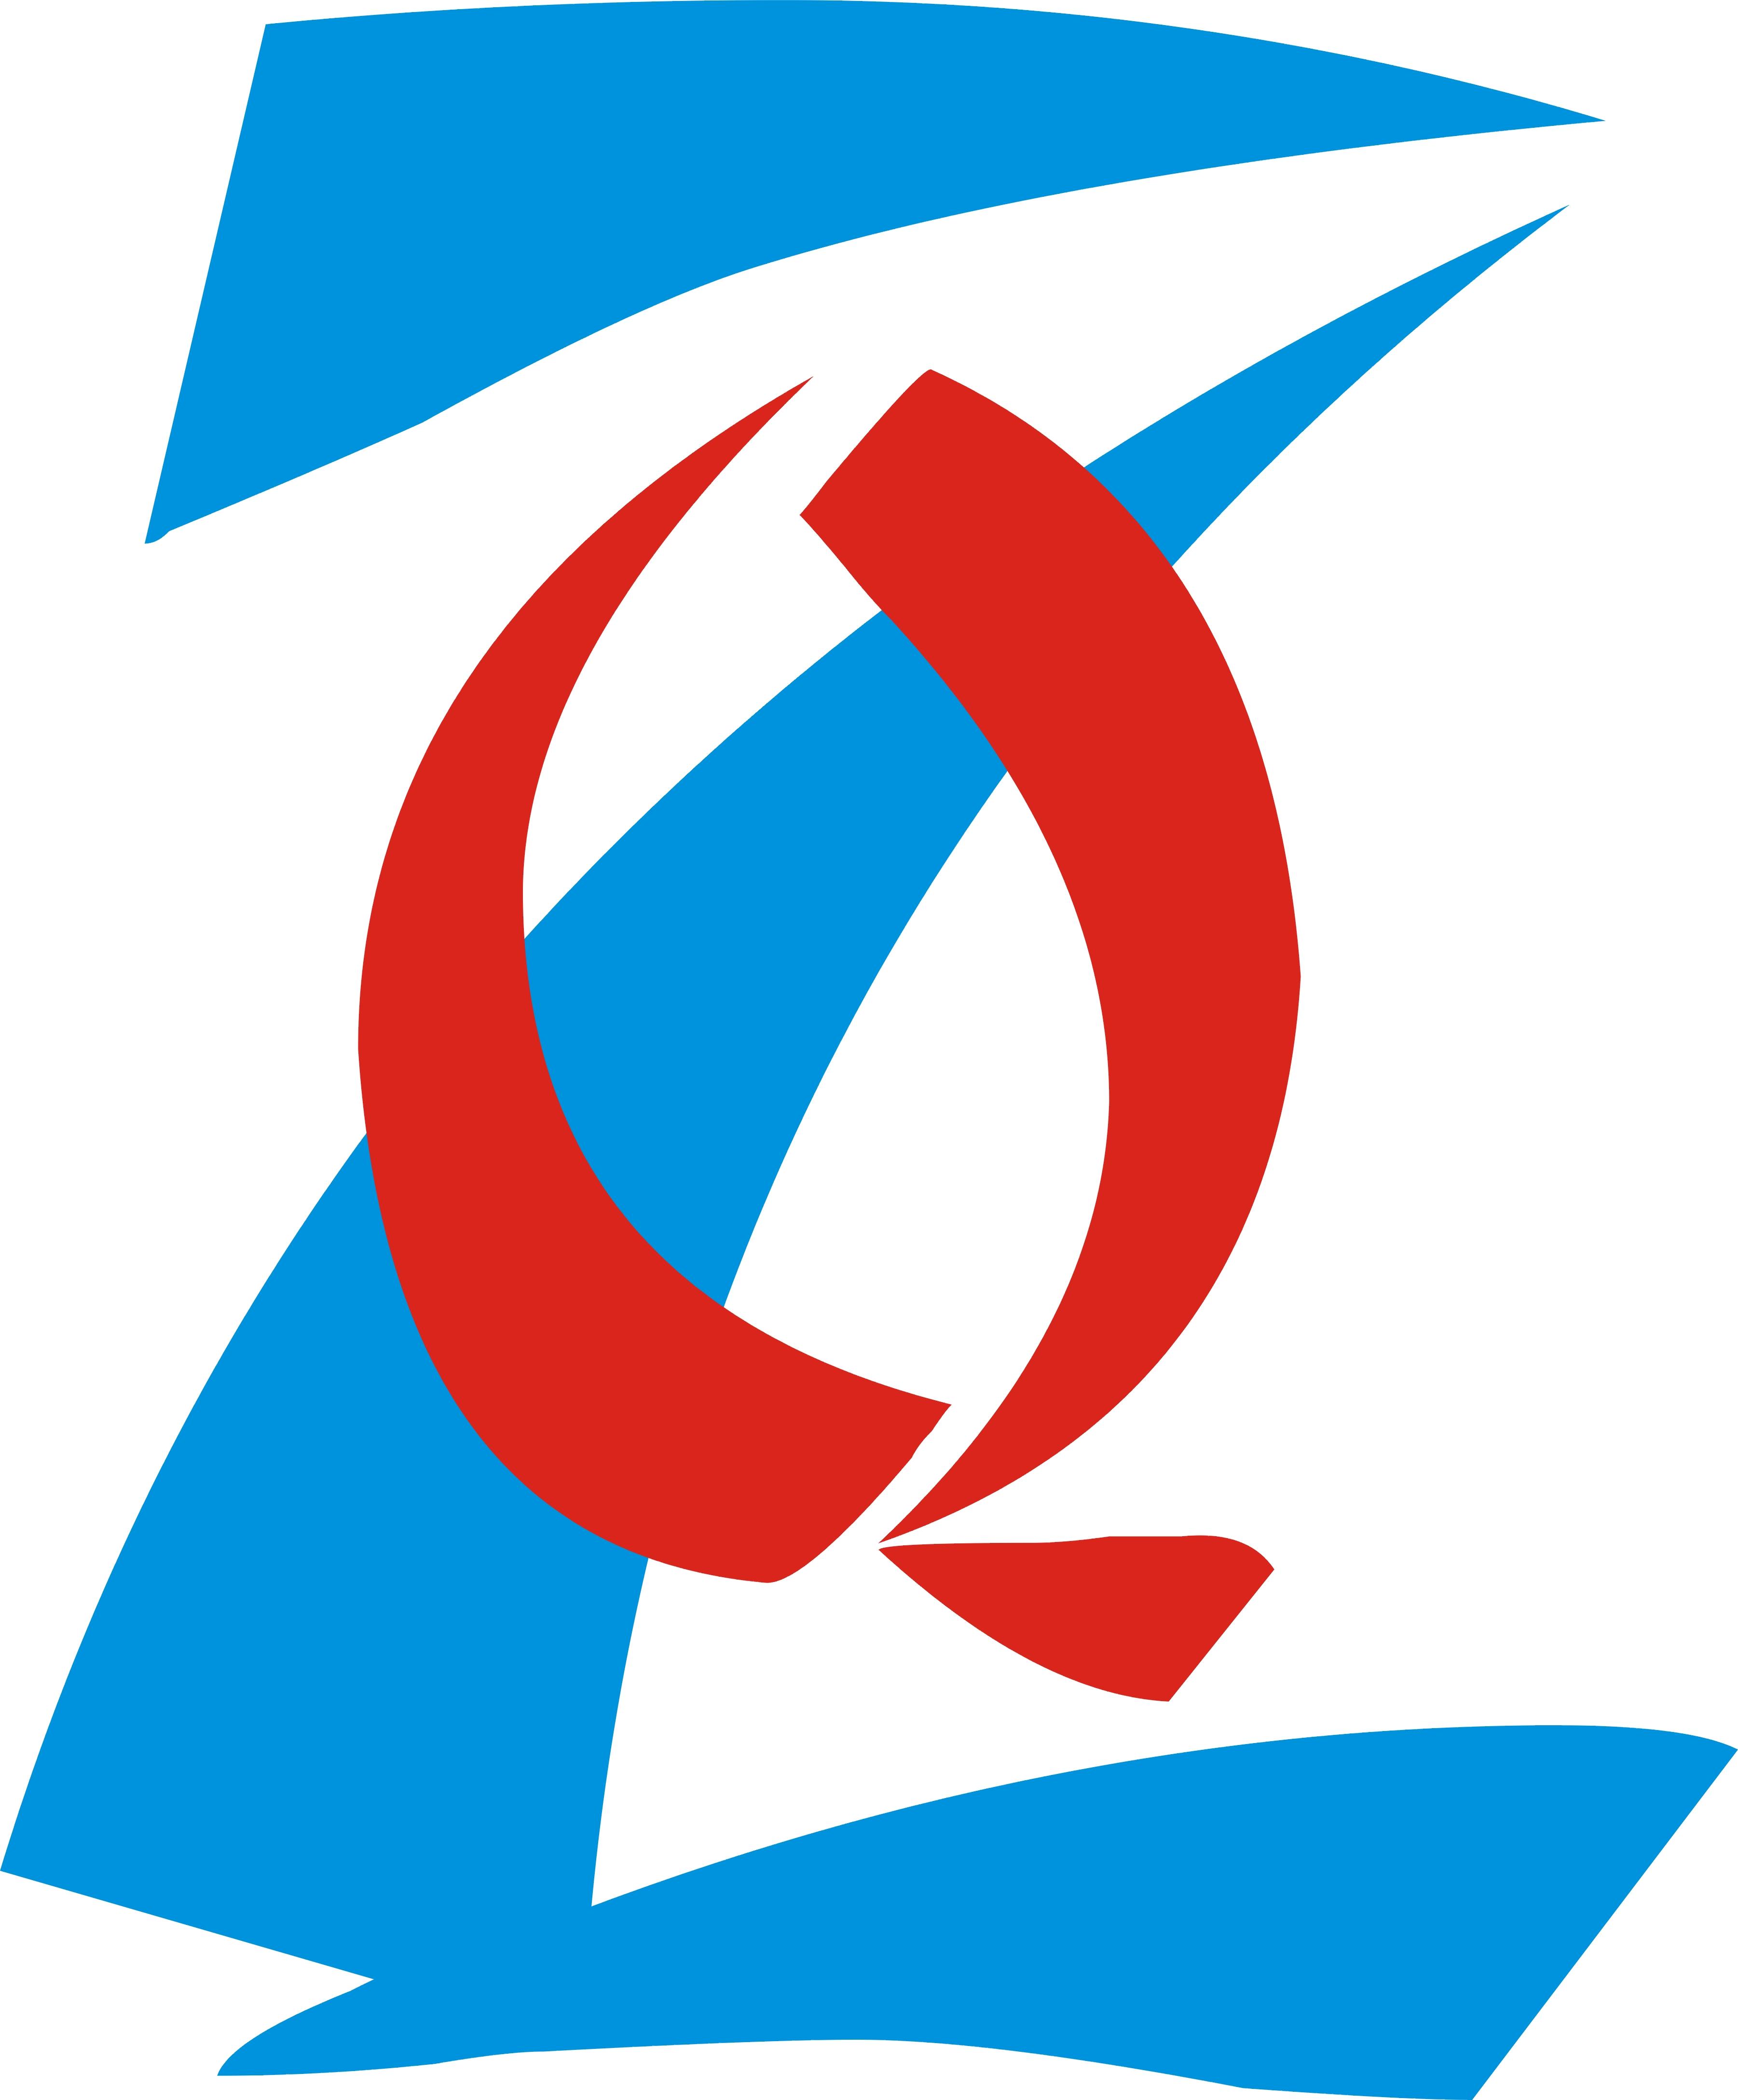 logo logo 标志 设计 矢量 矢量图 素材 图标 3603_4354